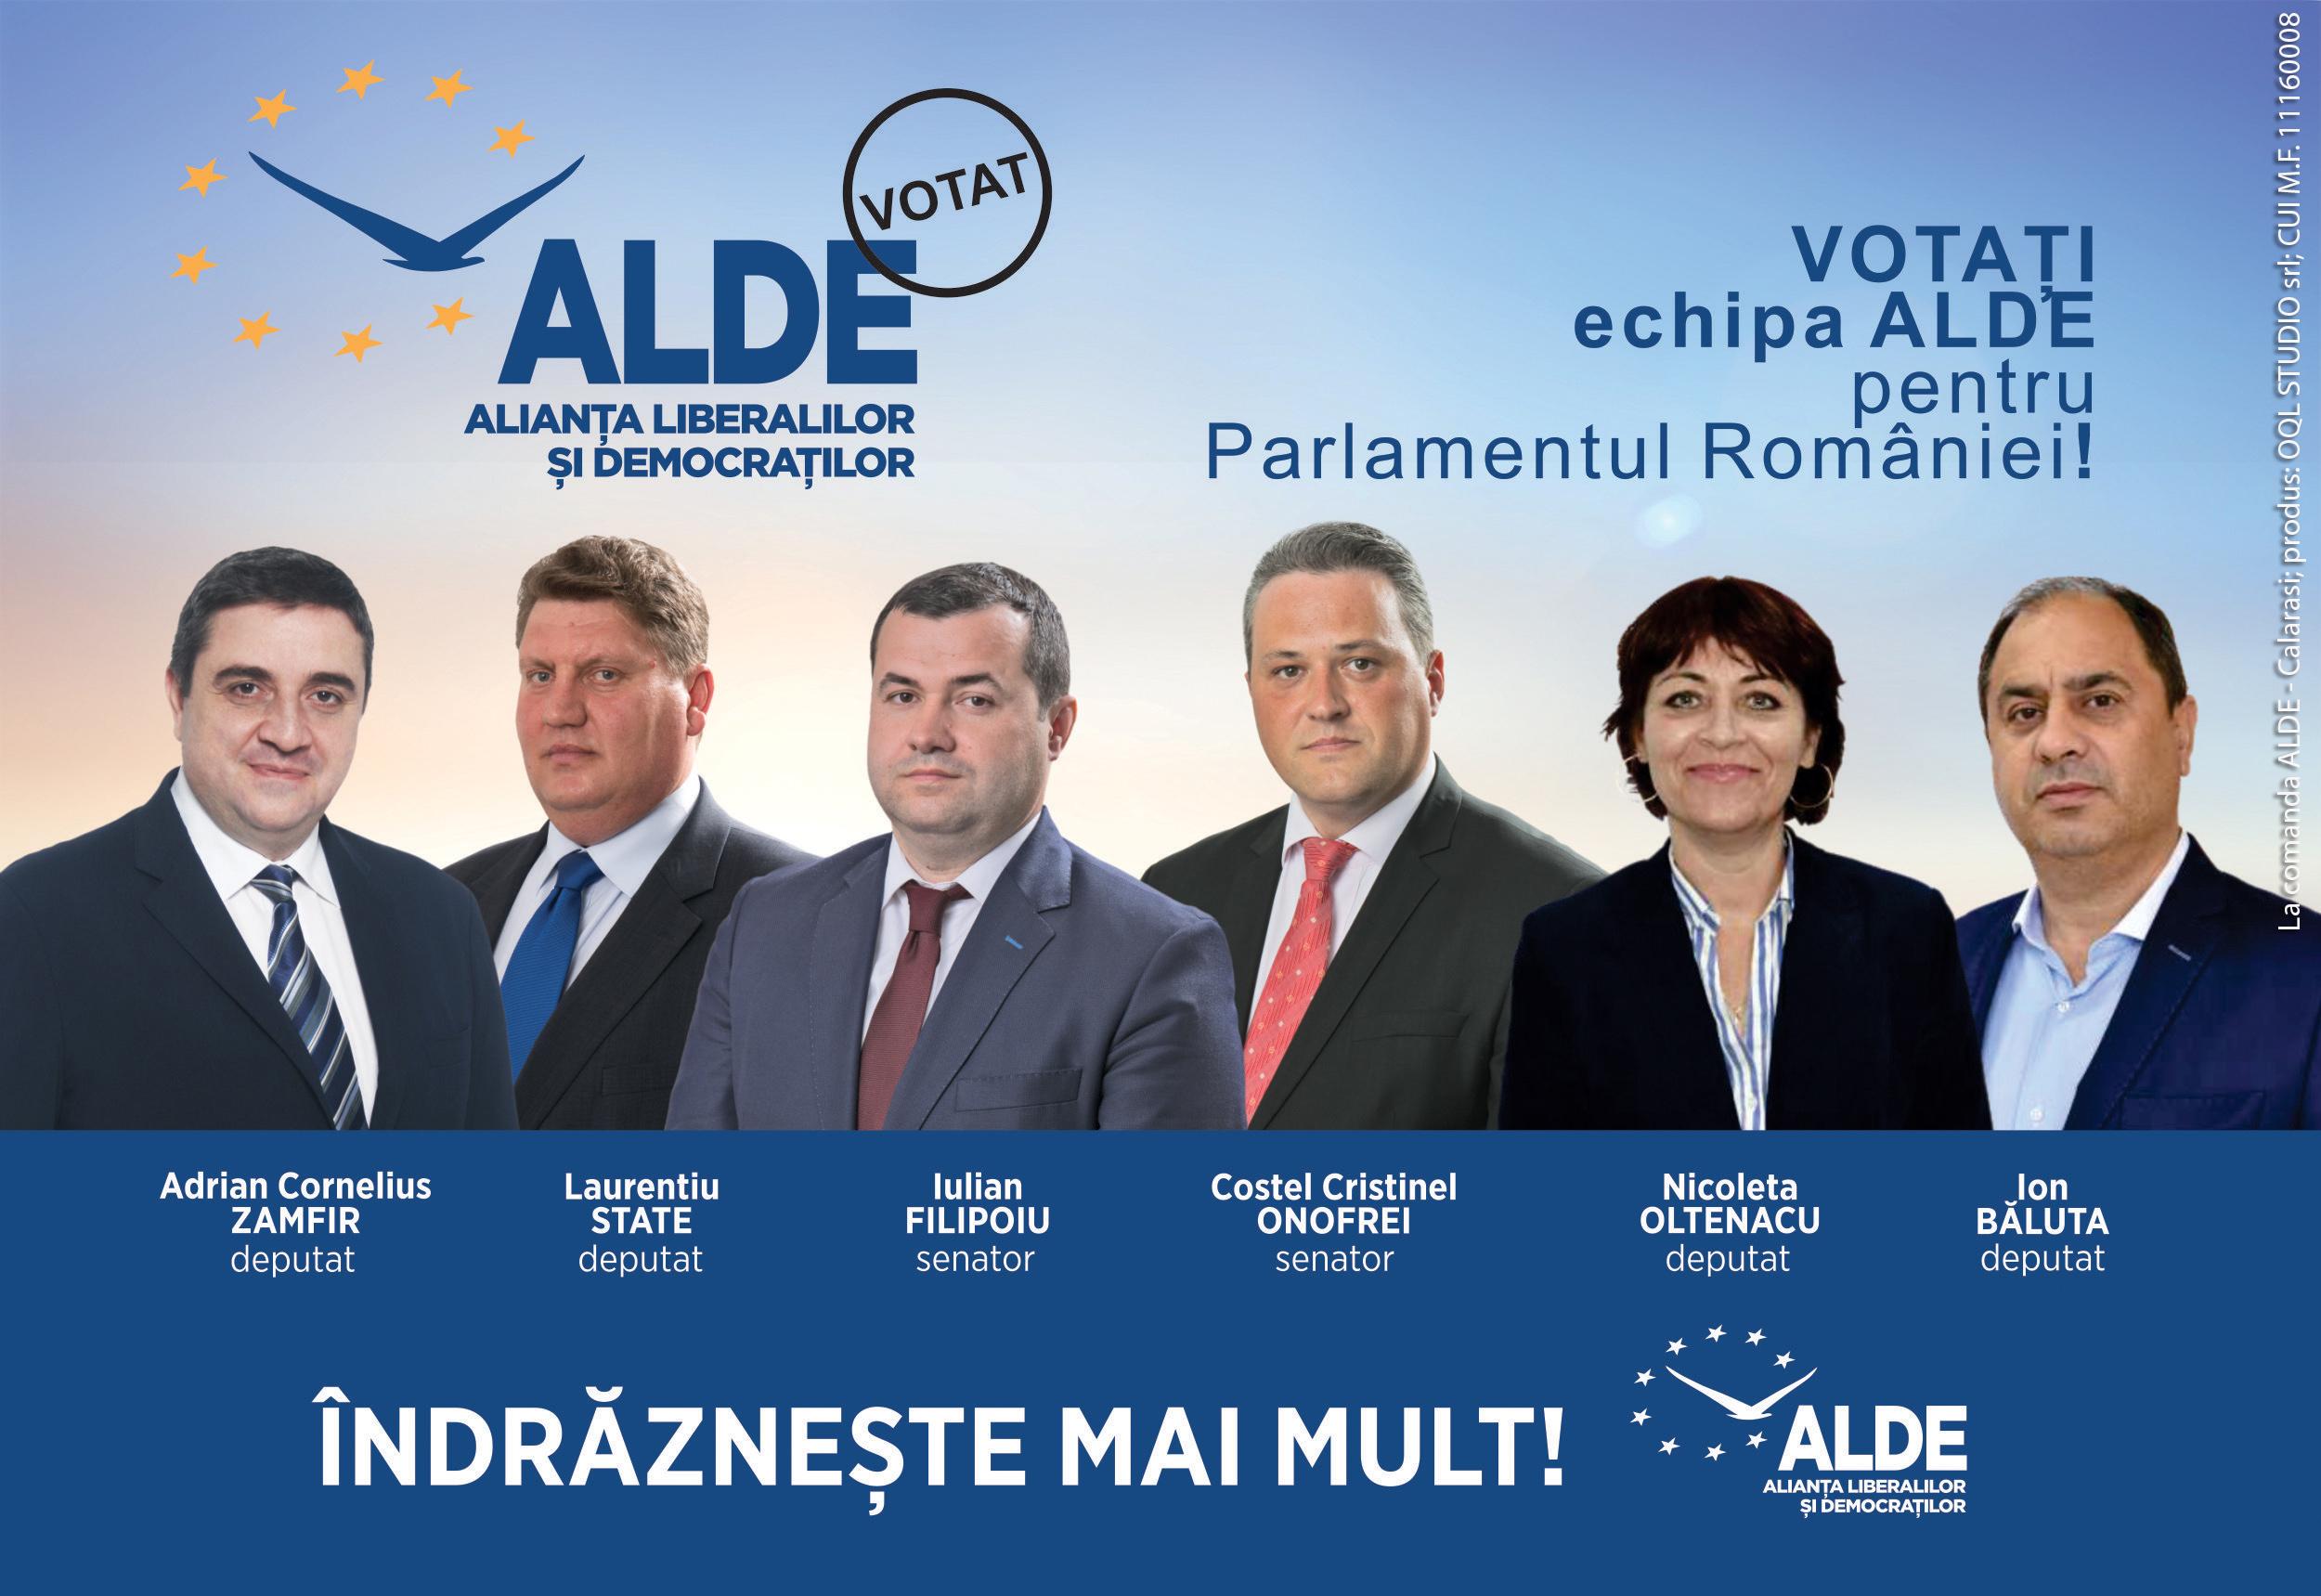 alde_banner_6_parlamentare_2016-1